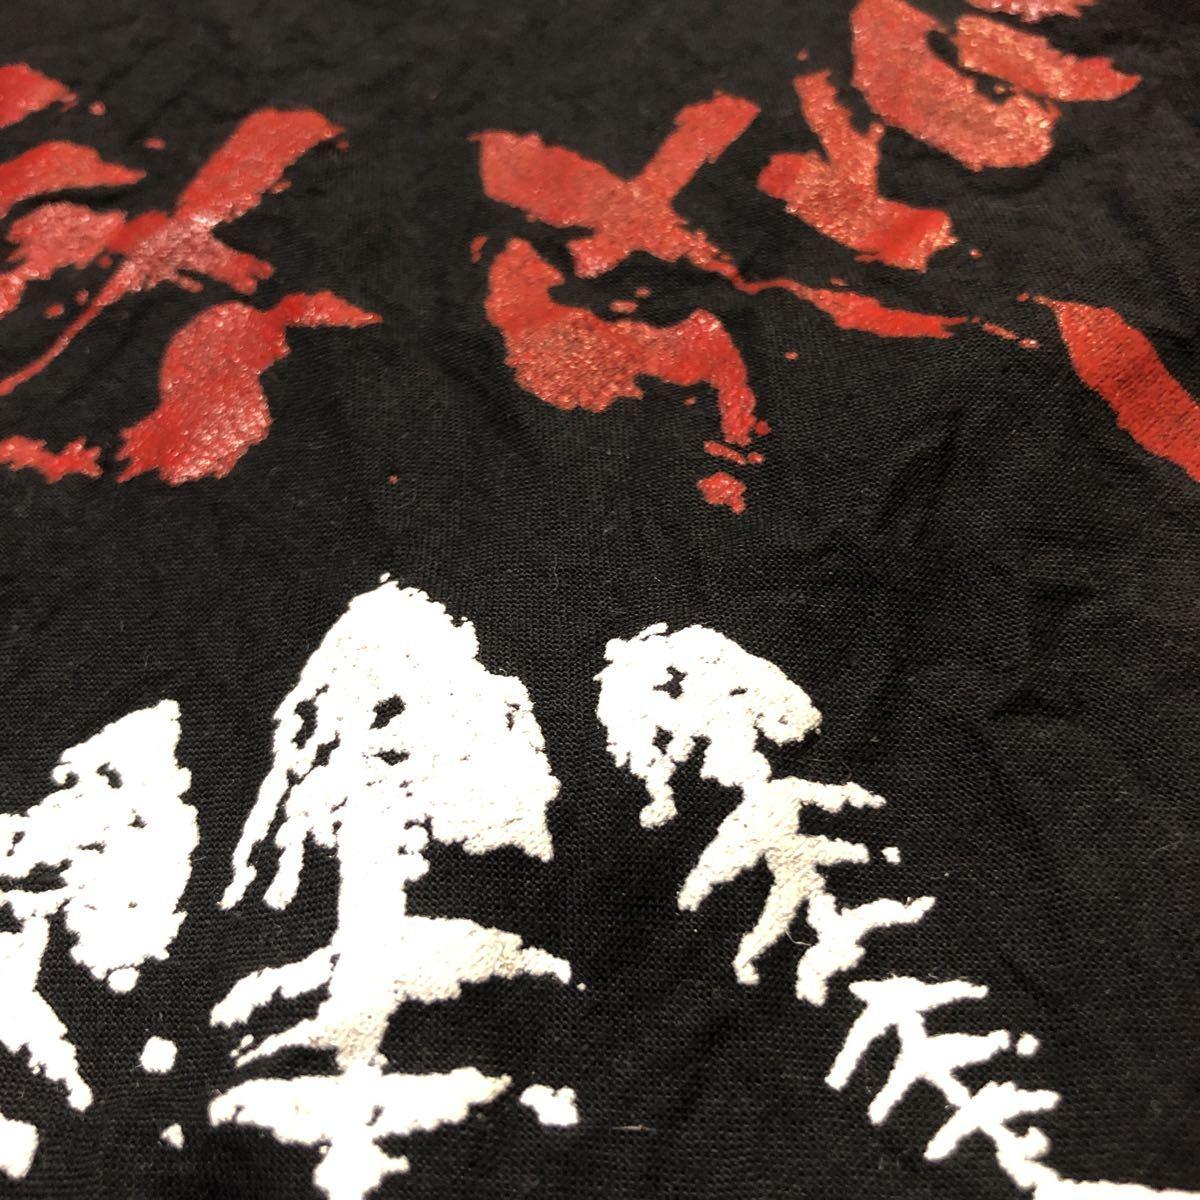 激レア 希少 ストレイキャッツ stray cats 92年 バンダナ choo choo HOT Fish チューチューホットフィッシュ ロカビリー バンド ツアー 黒_画像5